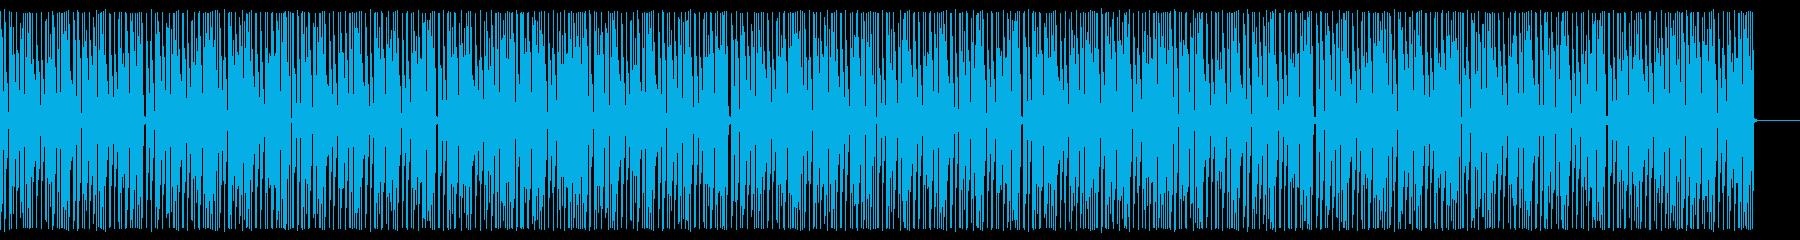 ほのぼのCM系BGM(マリンバ)の再生済みの波形